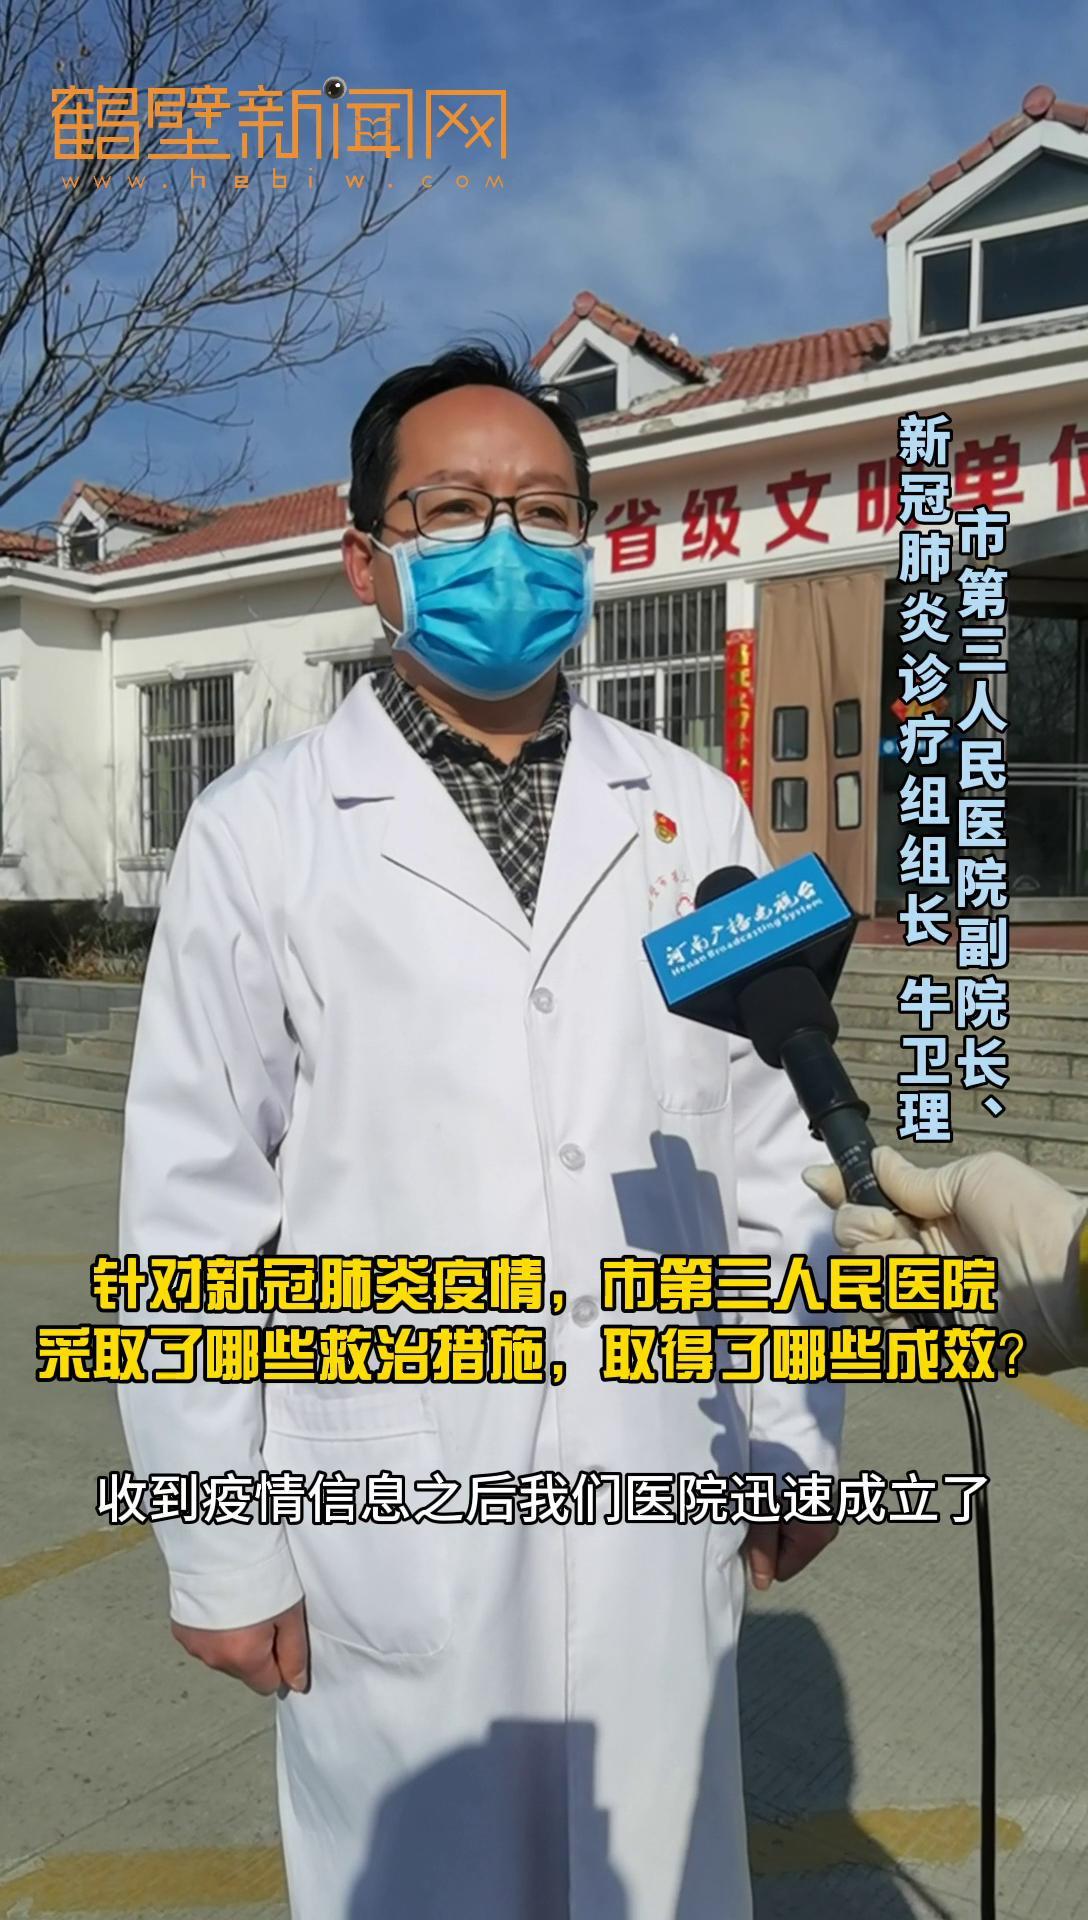 我市新冠肺炎疫情防控、治疗工作取得了哪些成效?听听专家怎么说